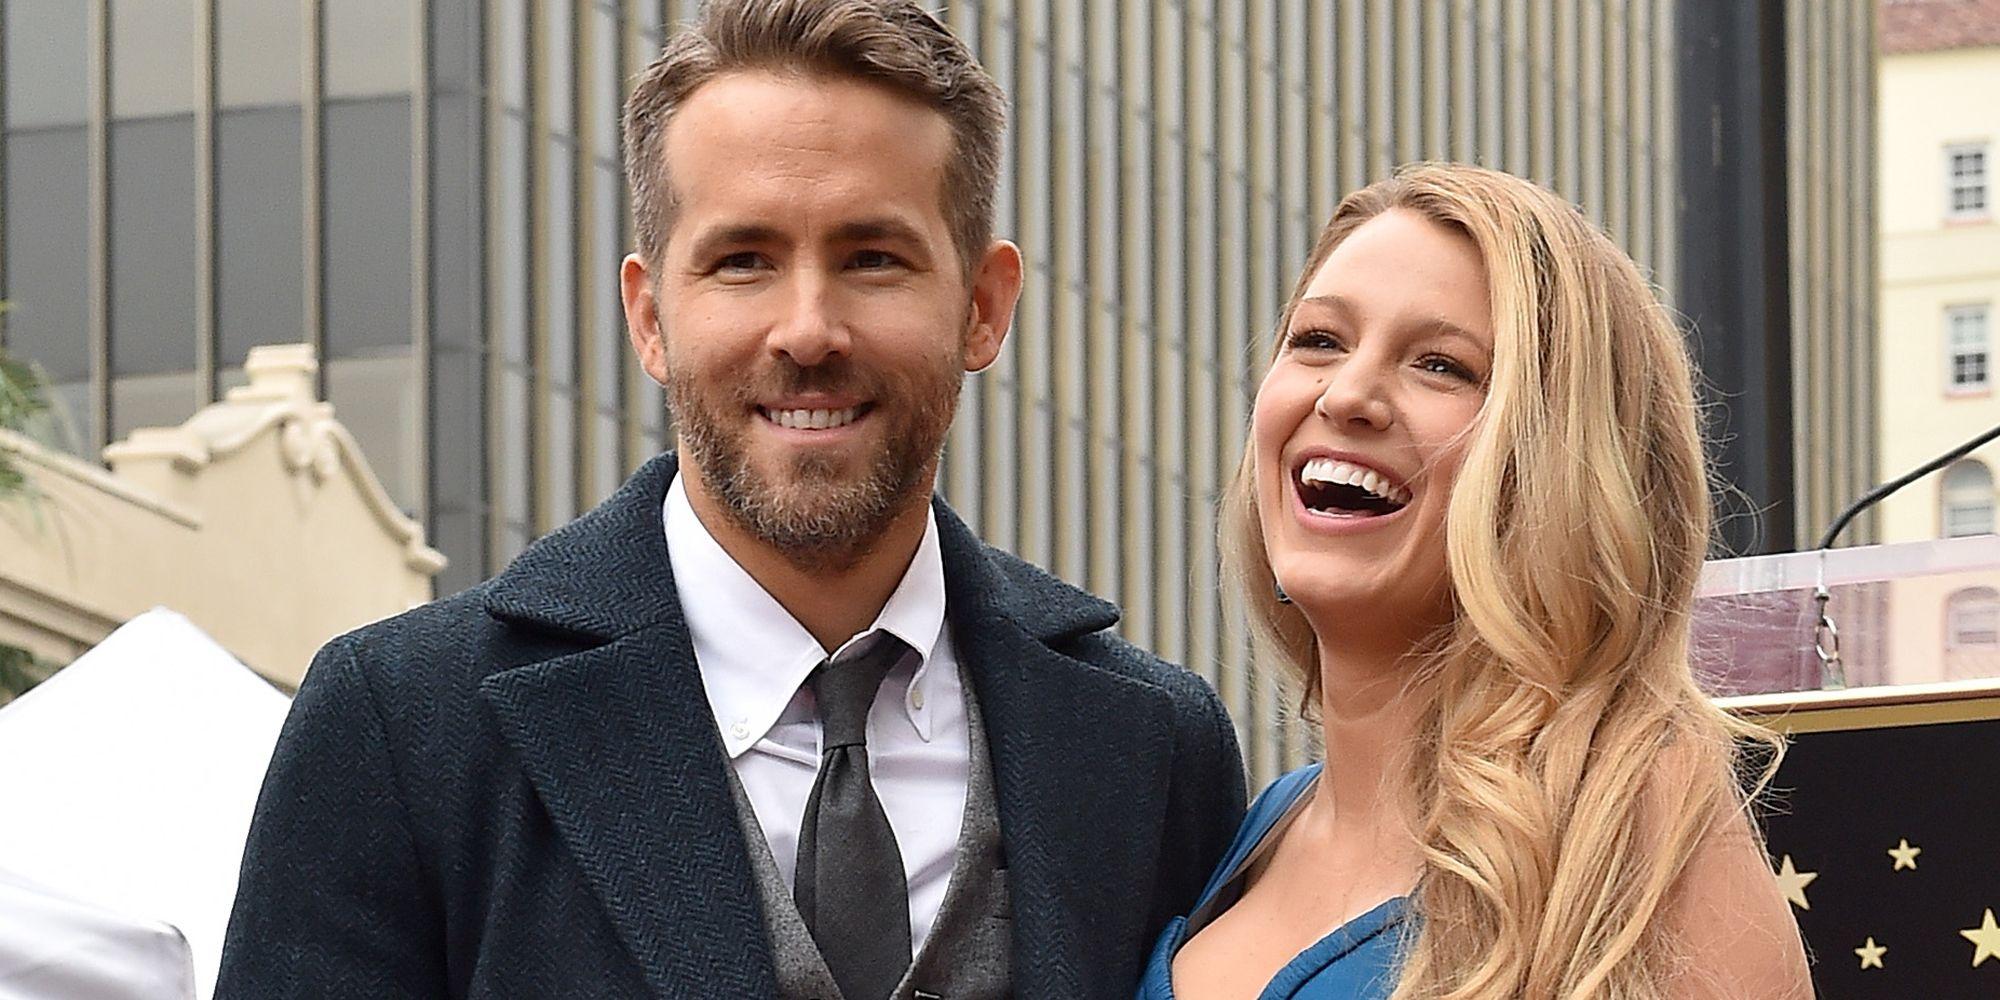 Blake Lively Trolled Ryan Reynolds on Valentine's Day